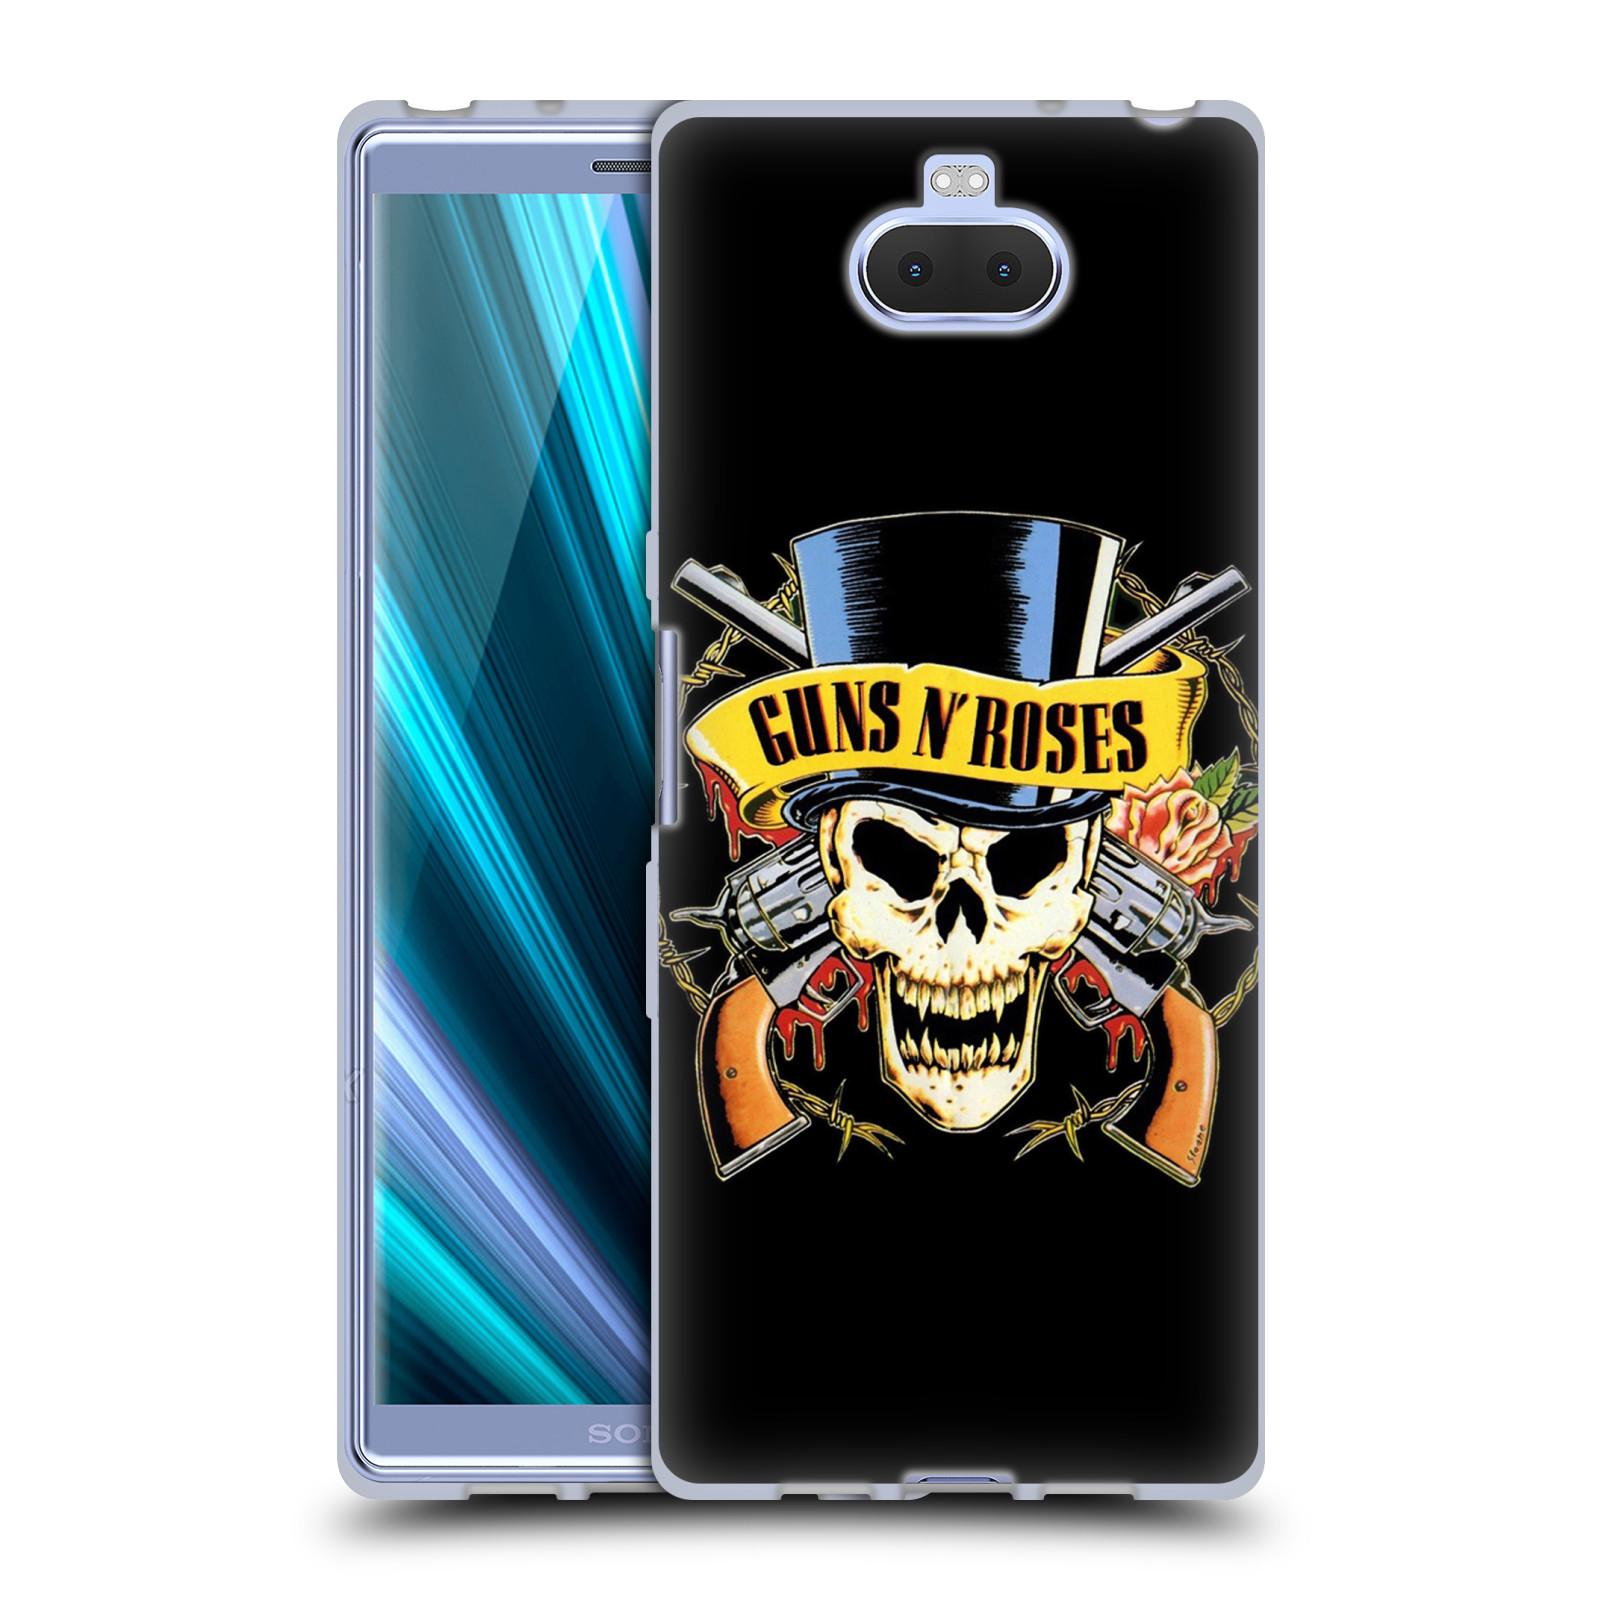 Silikonové pouzdro na mobil Sony Xperia 10 - Head Case - Guns N' Roses - Lebka